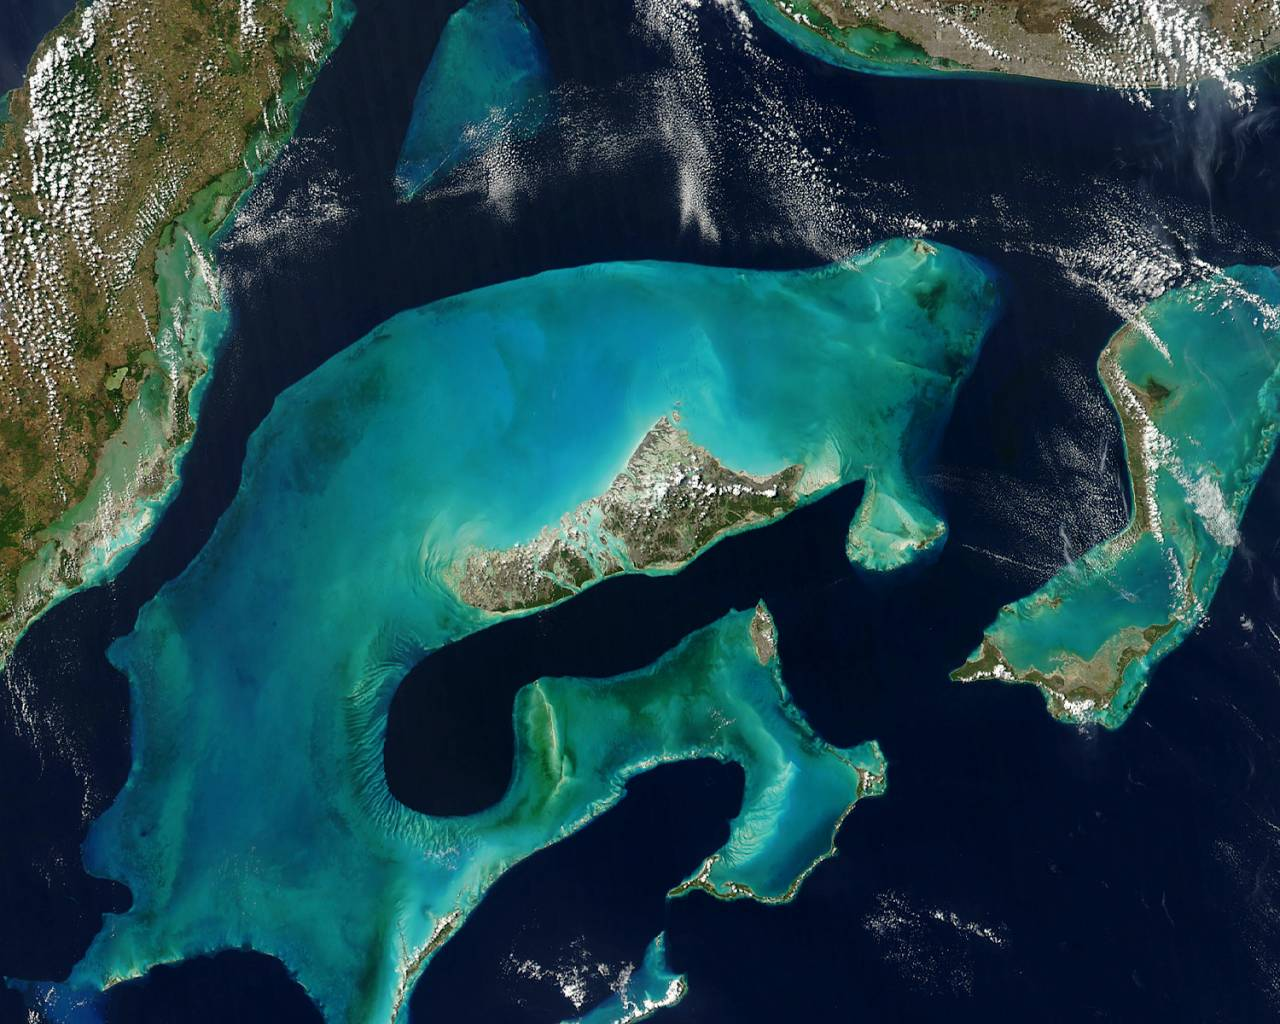 планктон фото с названиями